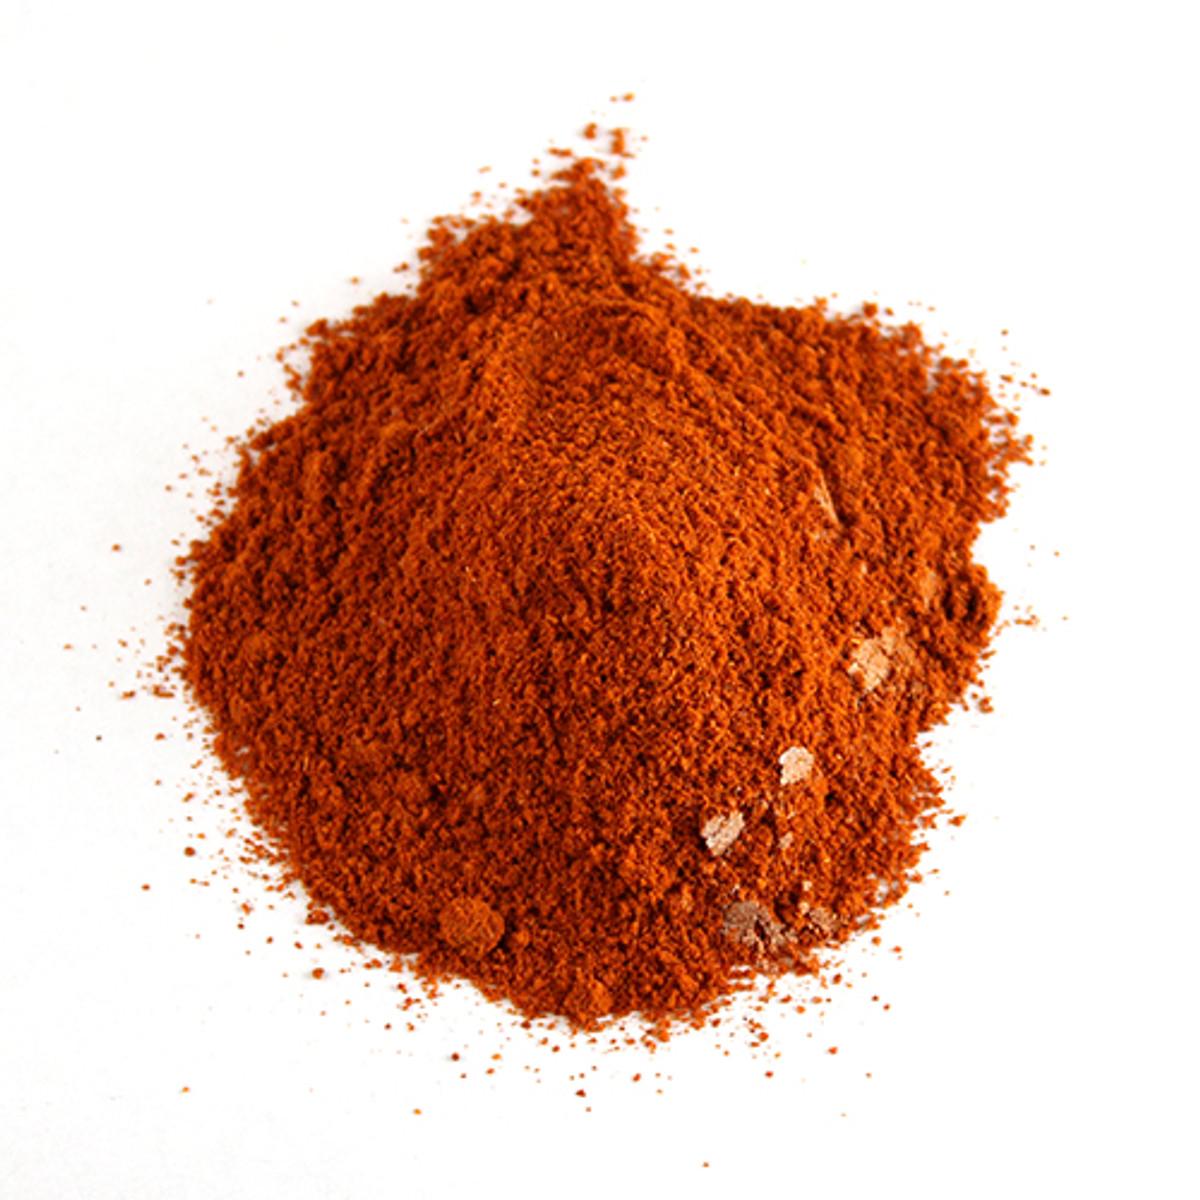 African Bird Pepper - Powdered